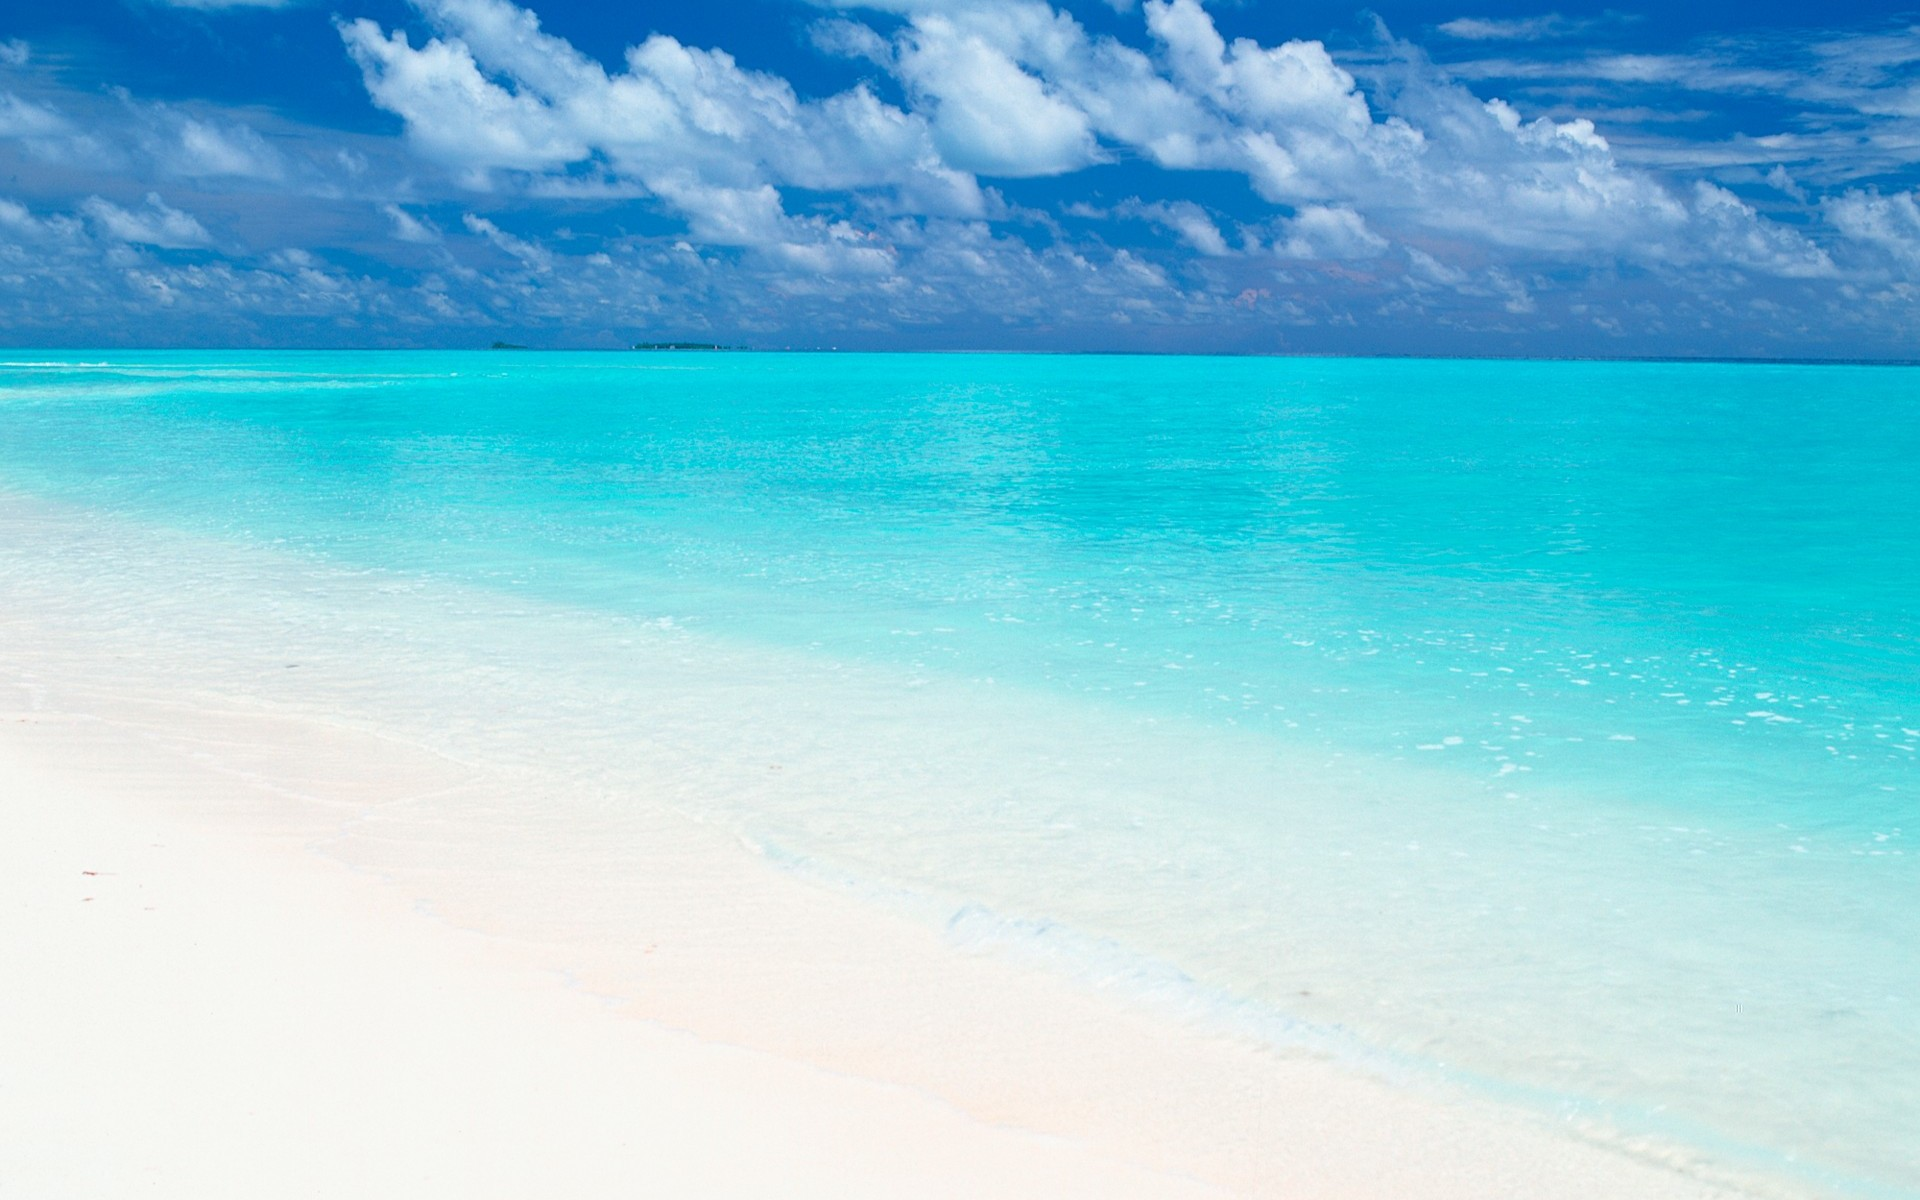 sea maldives wallpaper beach water sky scene connected color 1920x1200